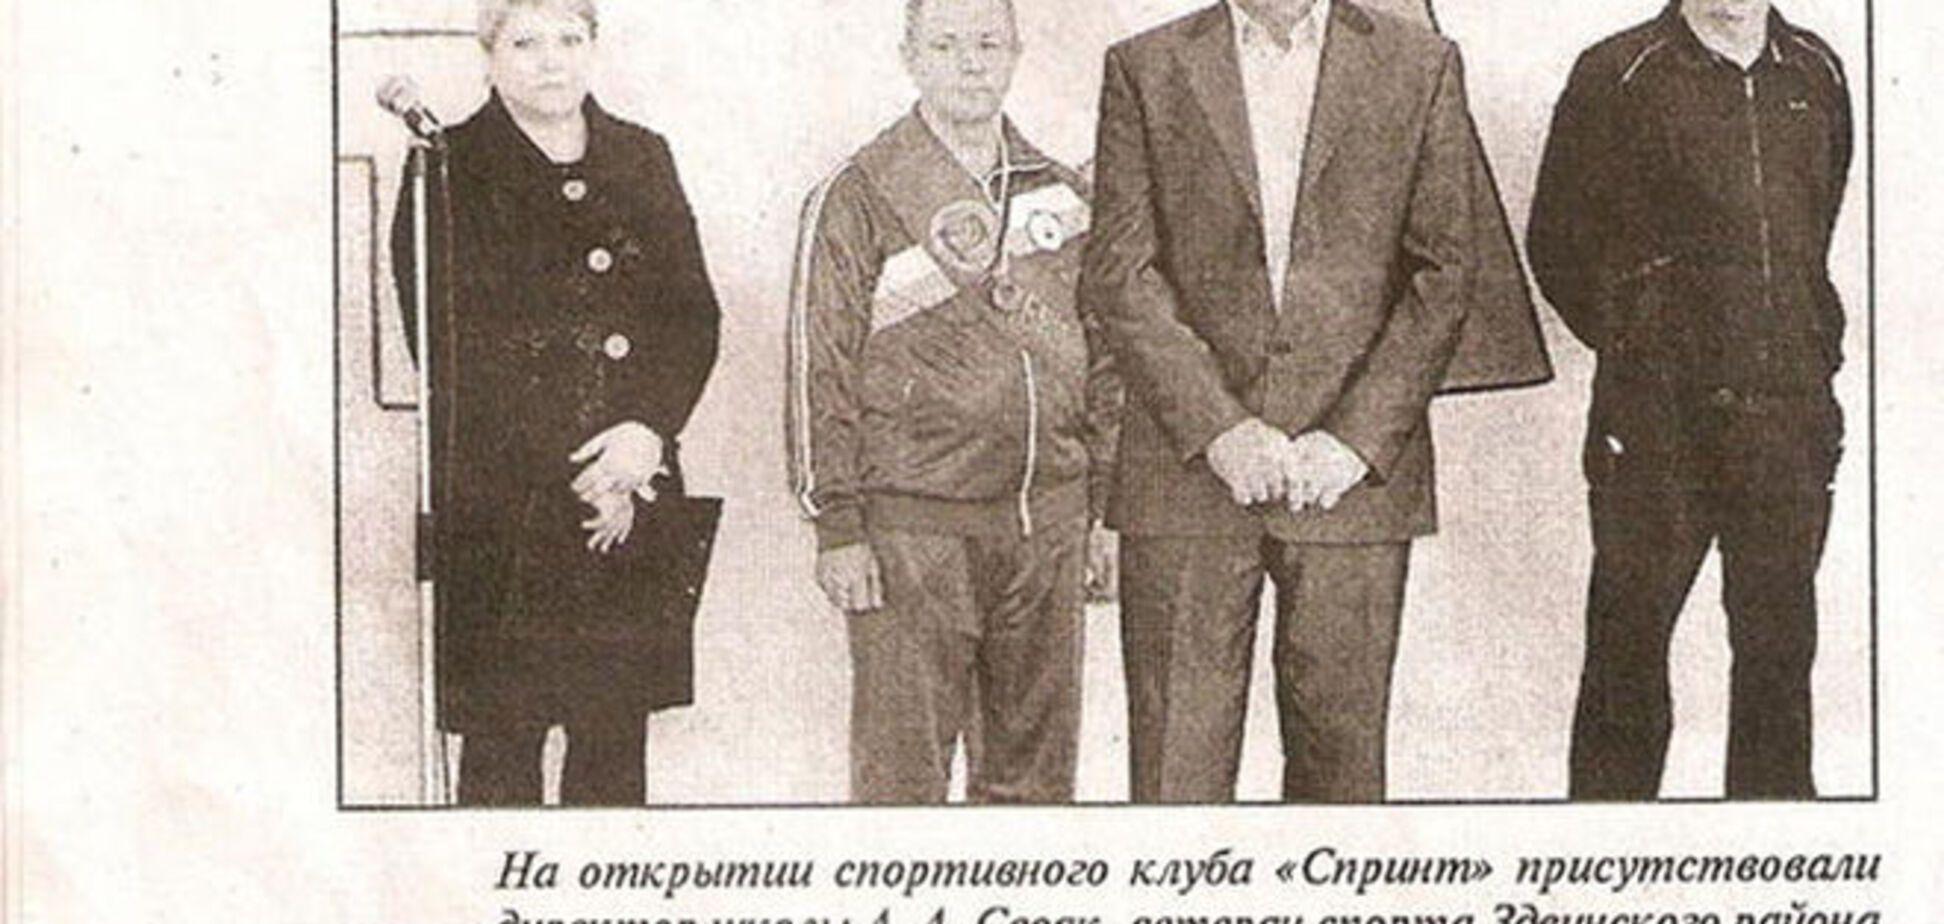 'Дядьку праворуч відрізати': фото російського фізрука в газеті стало хітом інтернету